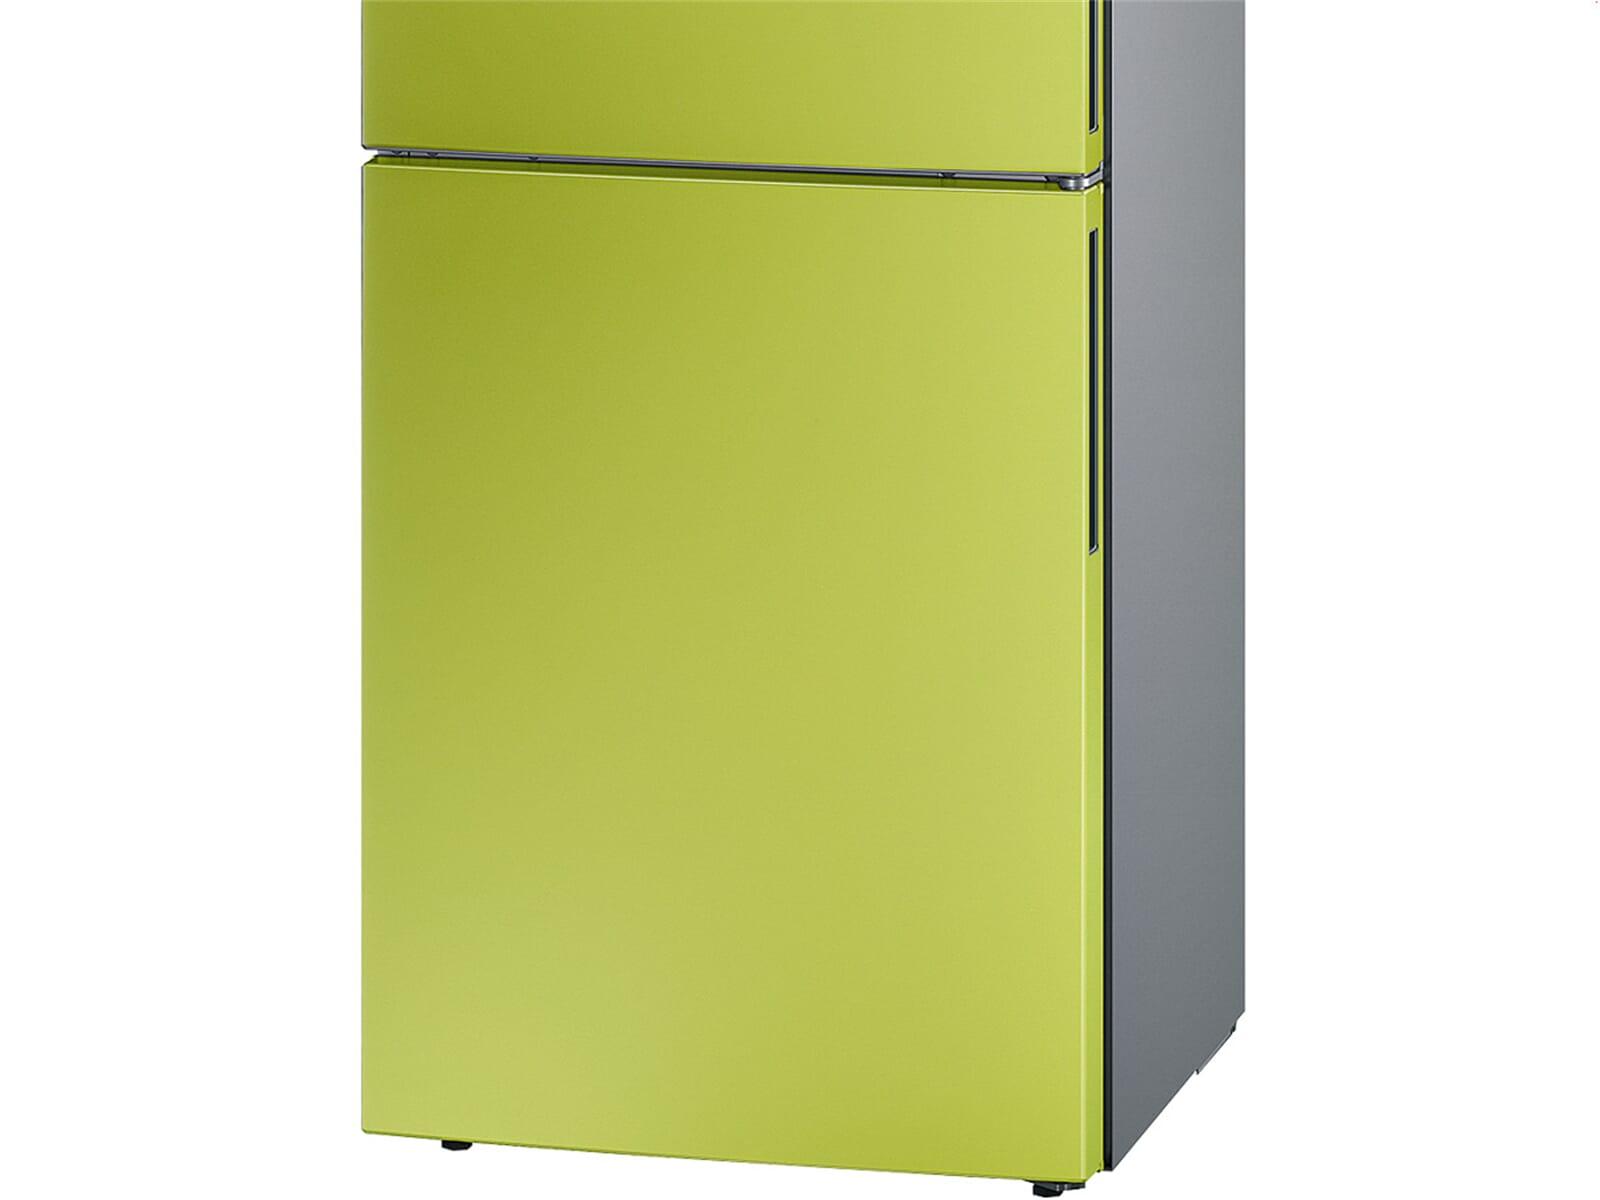 Bosch Kühlschrank Urlaubsschaltung : Bosch kgv vh s kühl gefrierkombination lime green